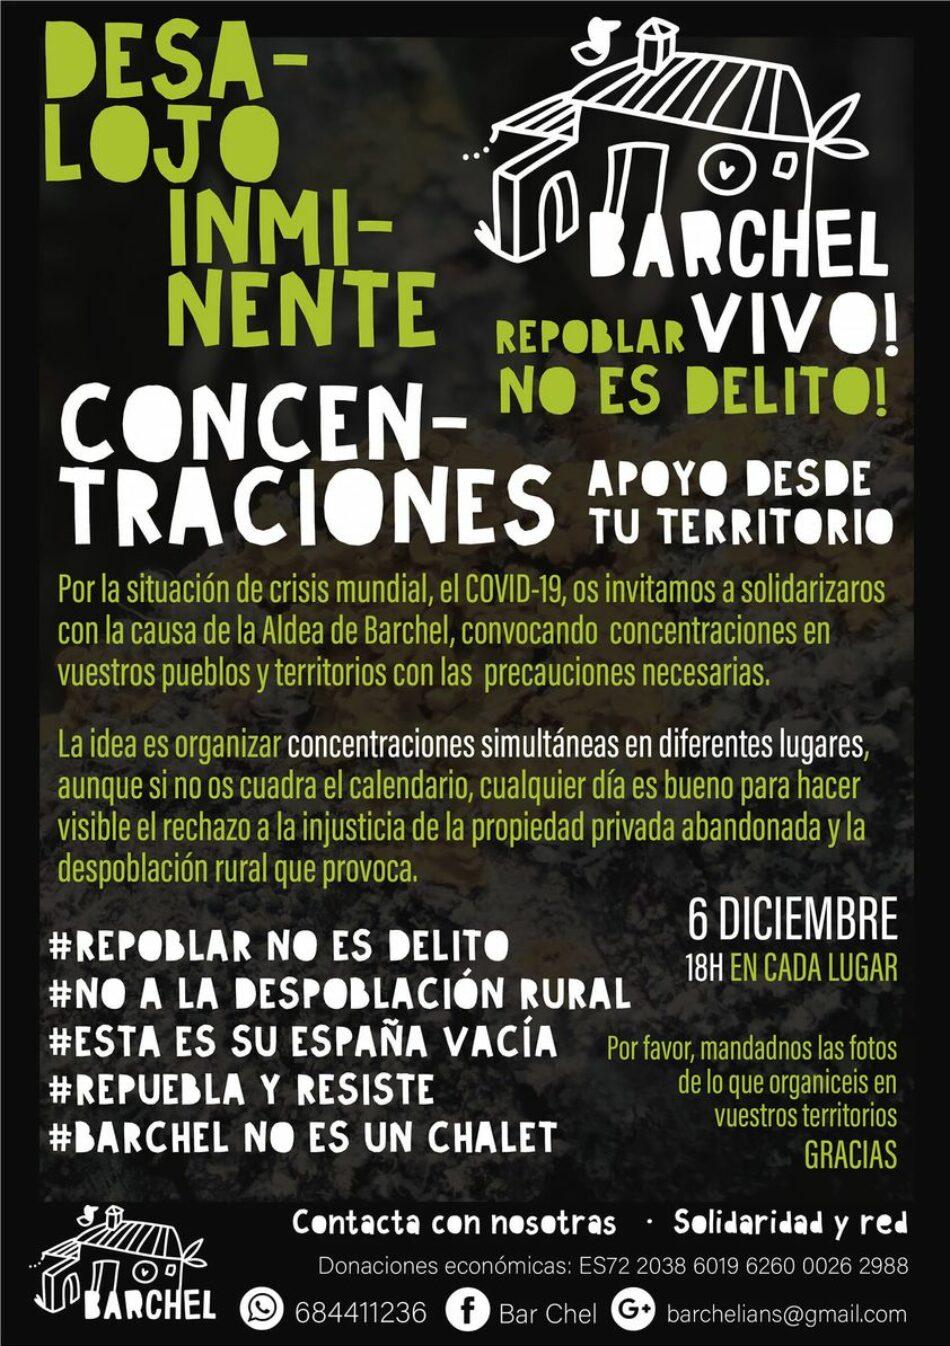 Ante el inminente desalojo, la Aldea de Barchel convoca movilizaciones de apoyo simultáneas el 6 de diciembre